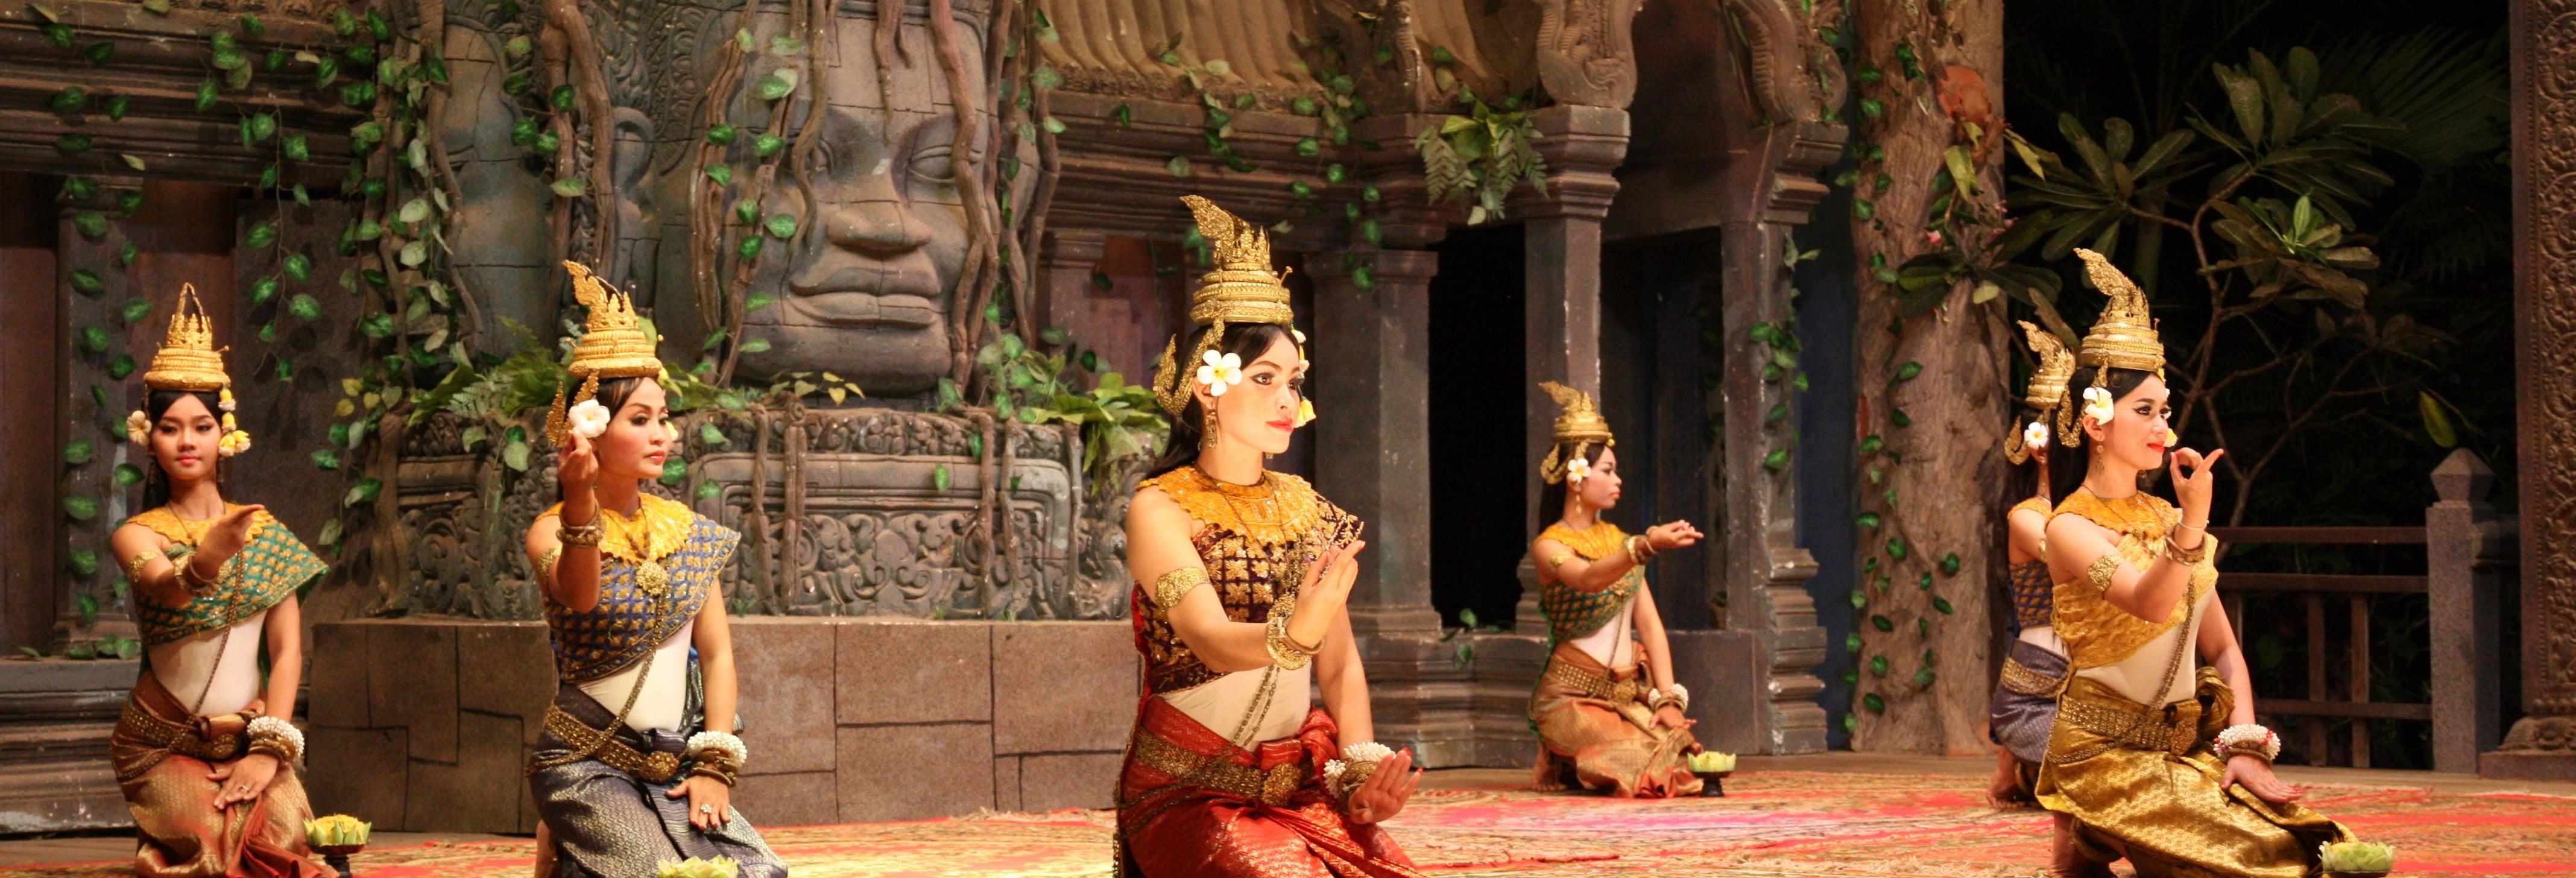 Cena e spettacolo di danza Apsara